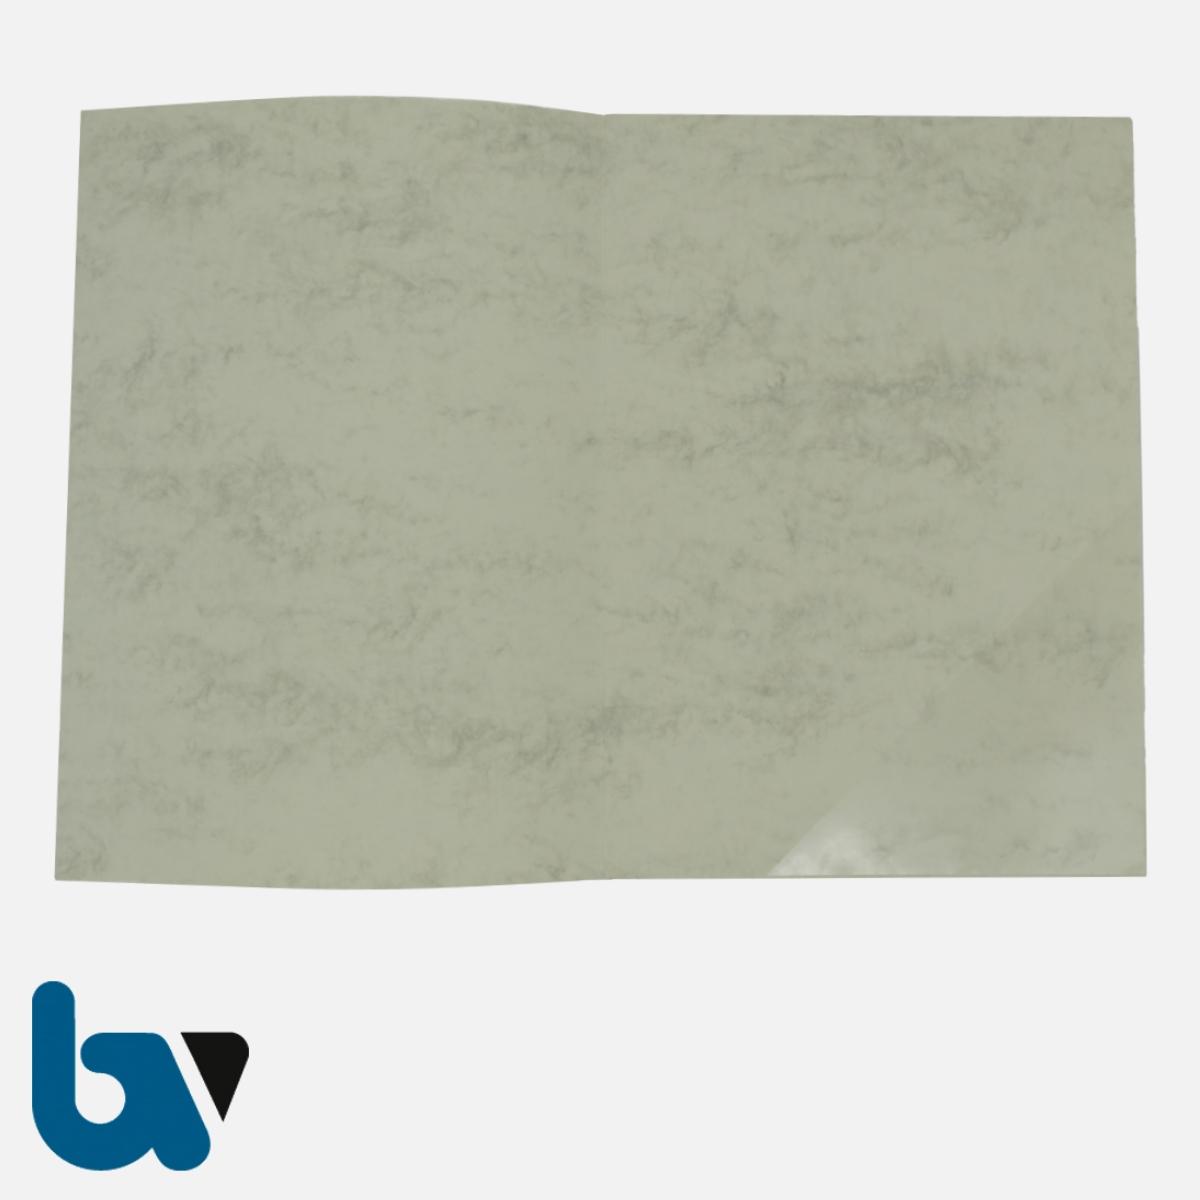 0/134-13 Urkundenhülle Creme Dokumente marmoriert Karton Aufdruck Überformat Einstecktasche Einlege DIN A4 Inhalt 1 | Borgard Verlag GmbH